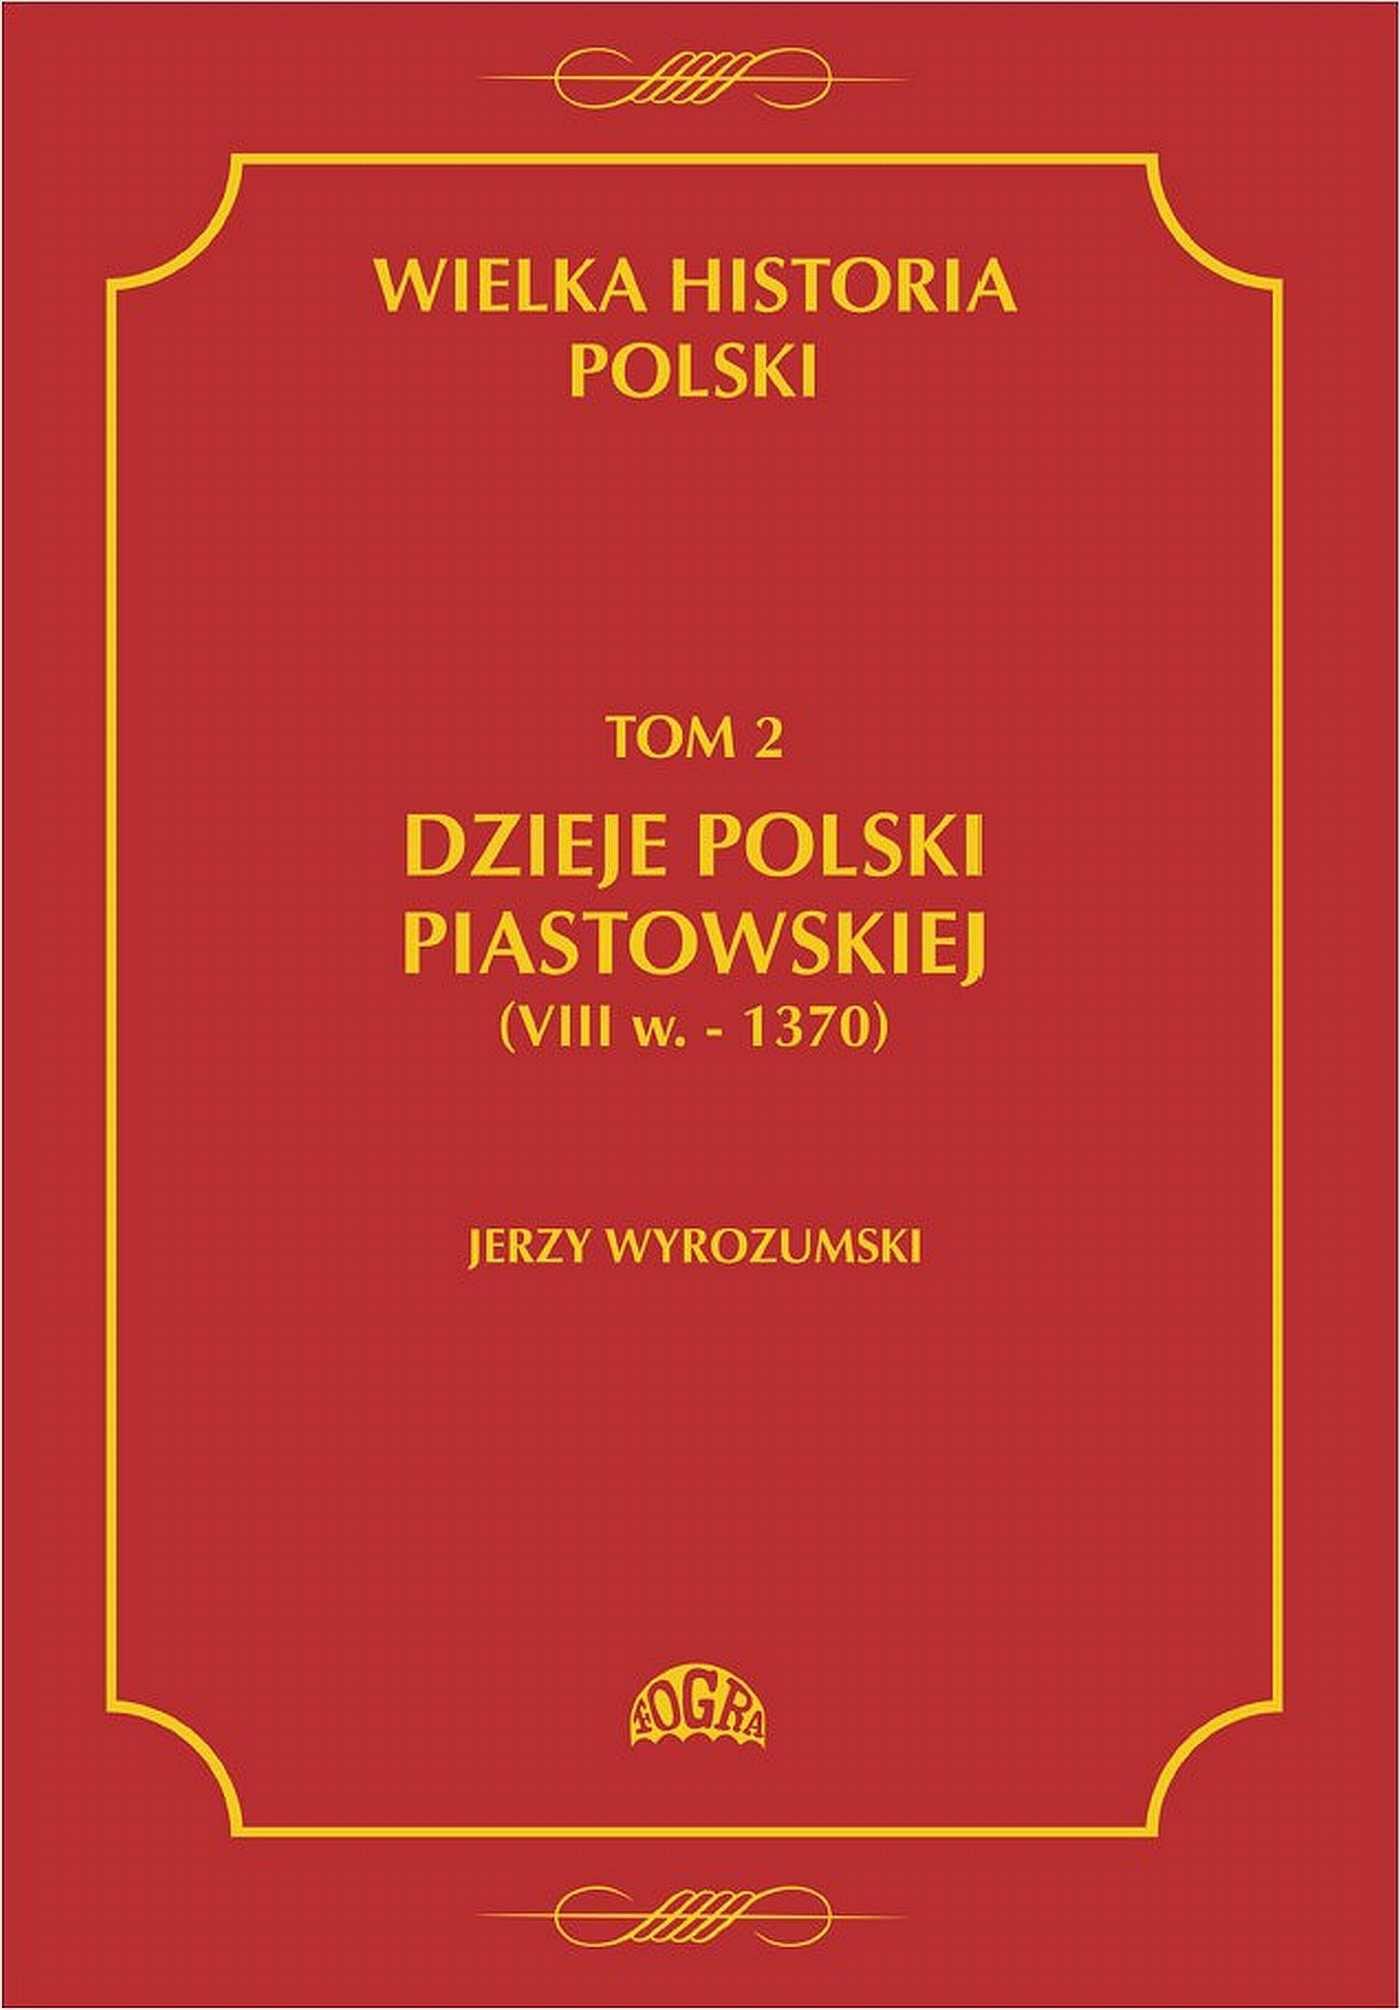 Wielka historia Polski Tom 2 Dzieje Polski piastowskiej (VIII w.-1370) - Ebook (Książka PDF) do pobrania w formacie PDF